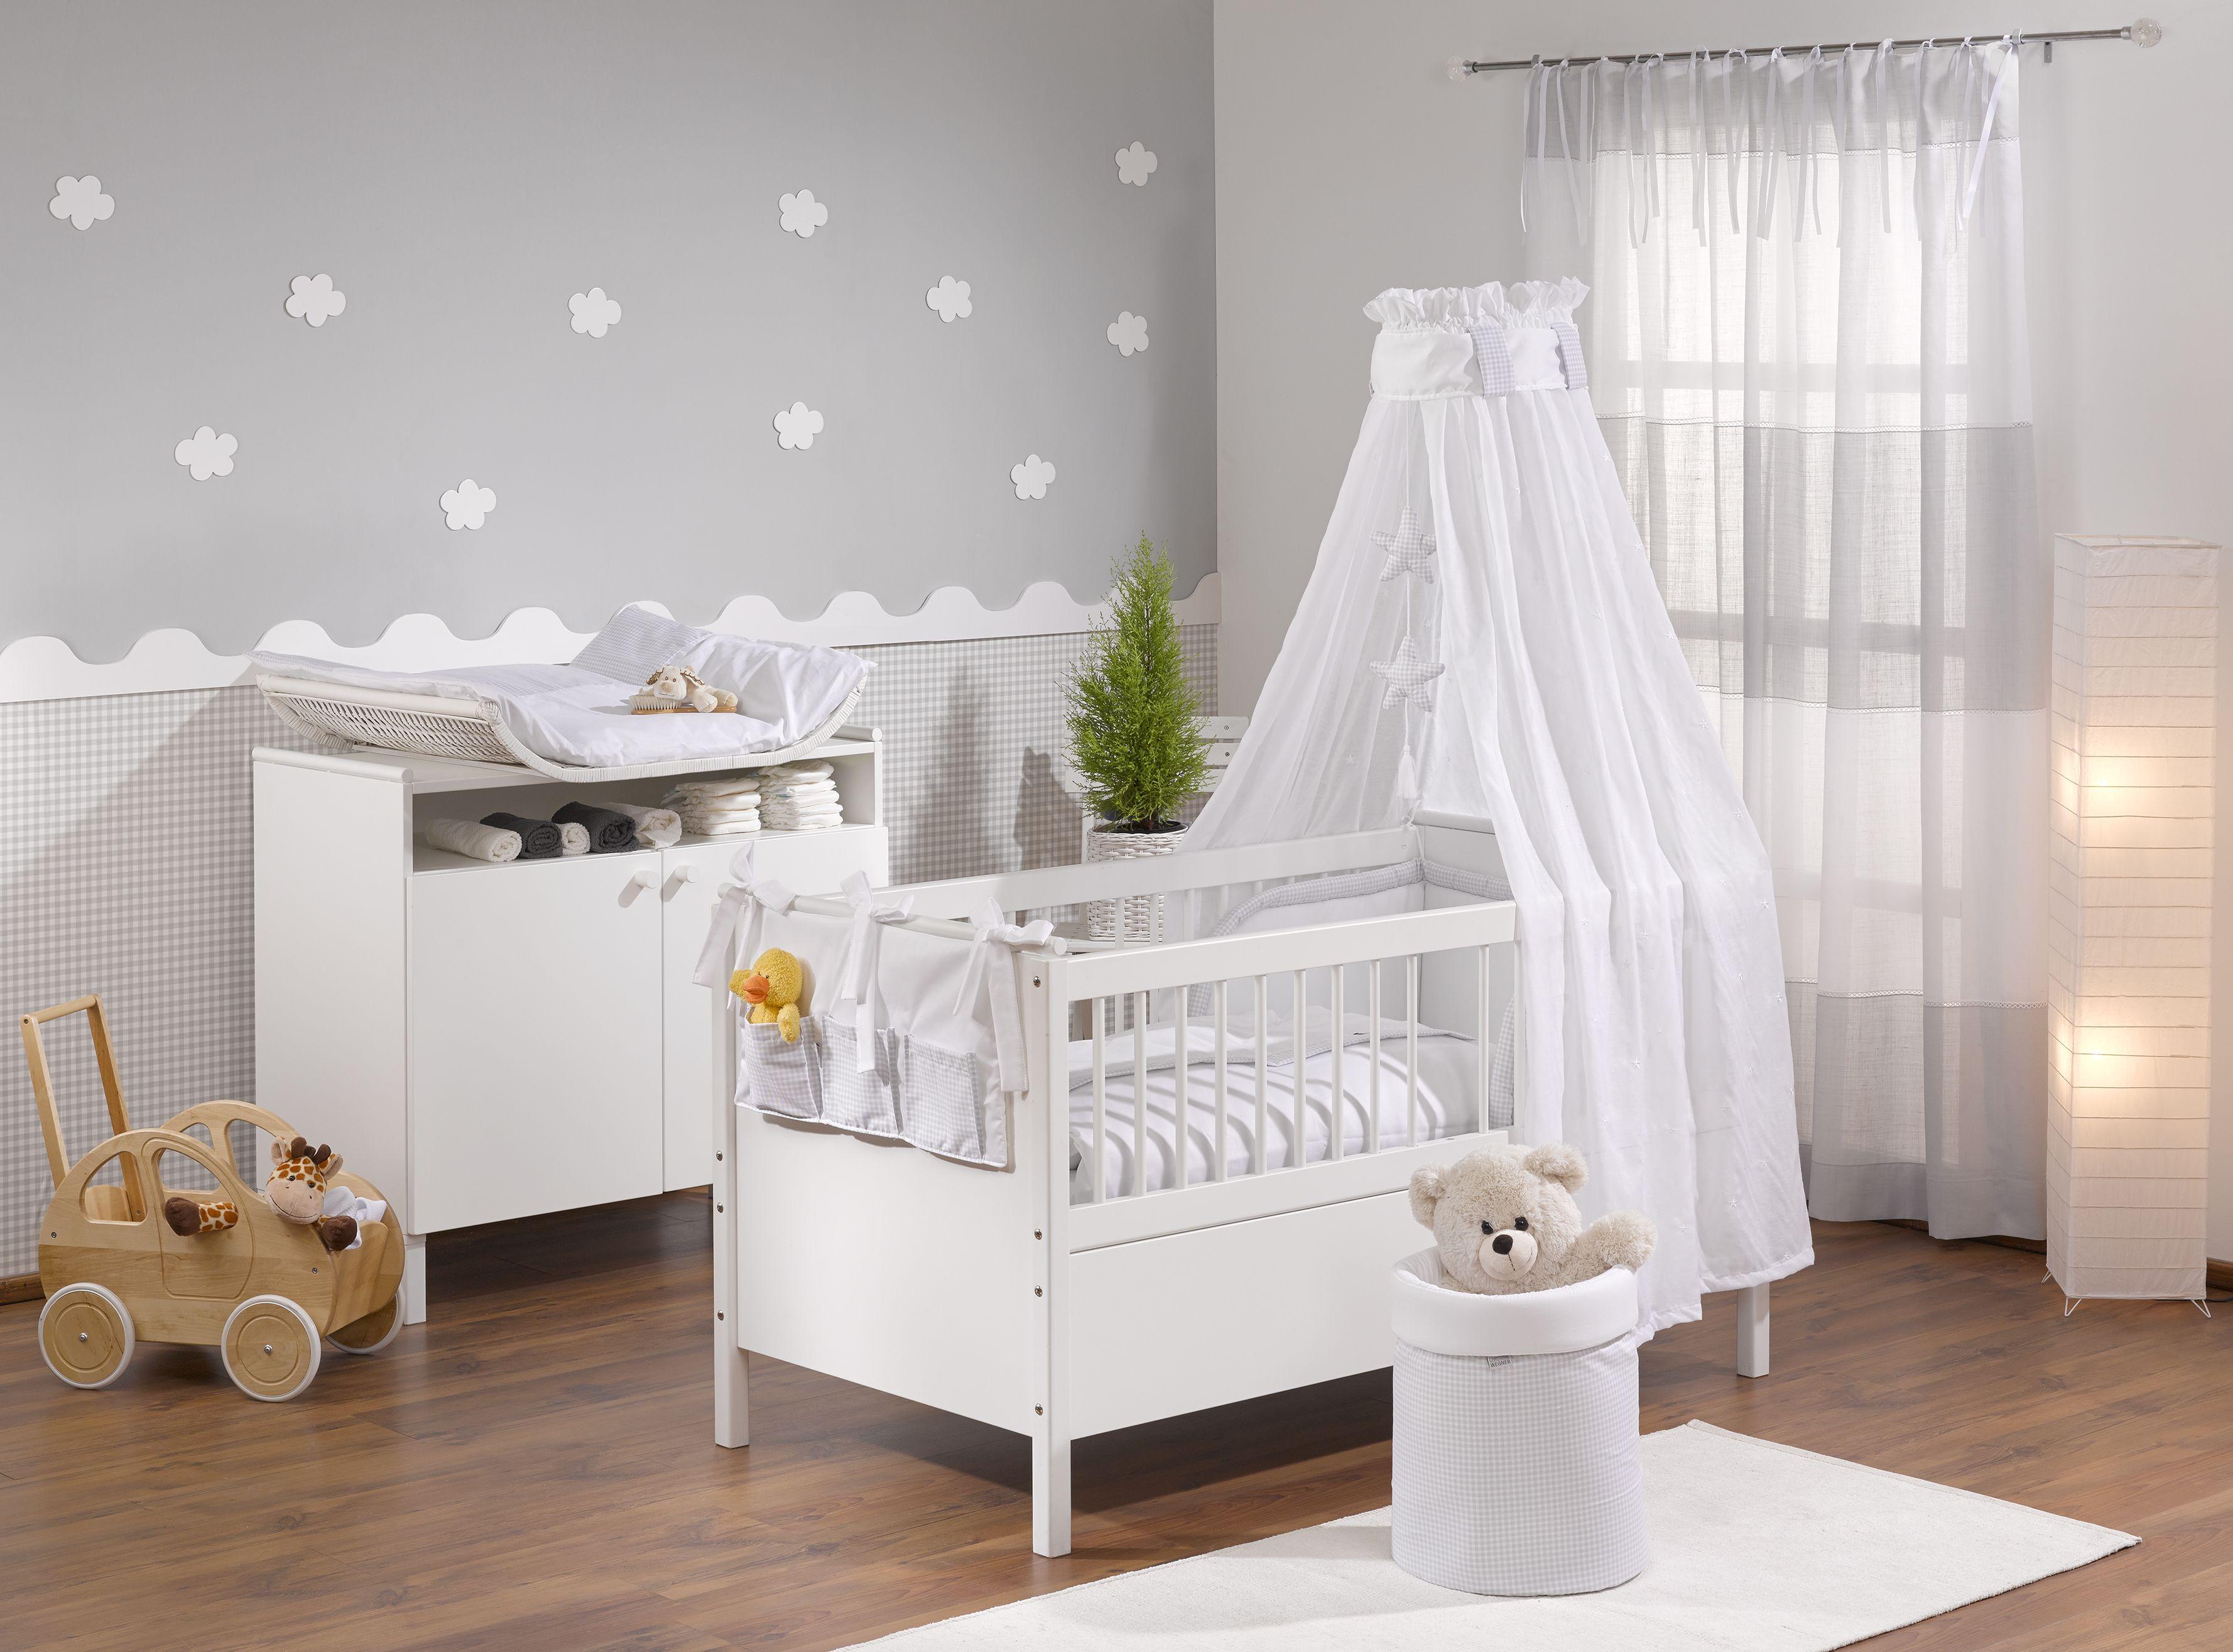 babyzimmer wände bewährte pic oder bcabbcbceebffccbbc